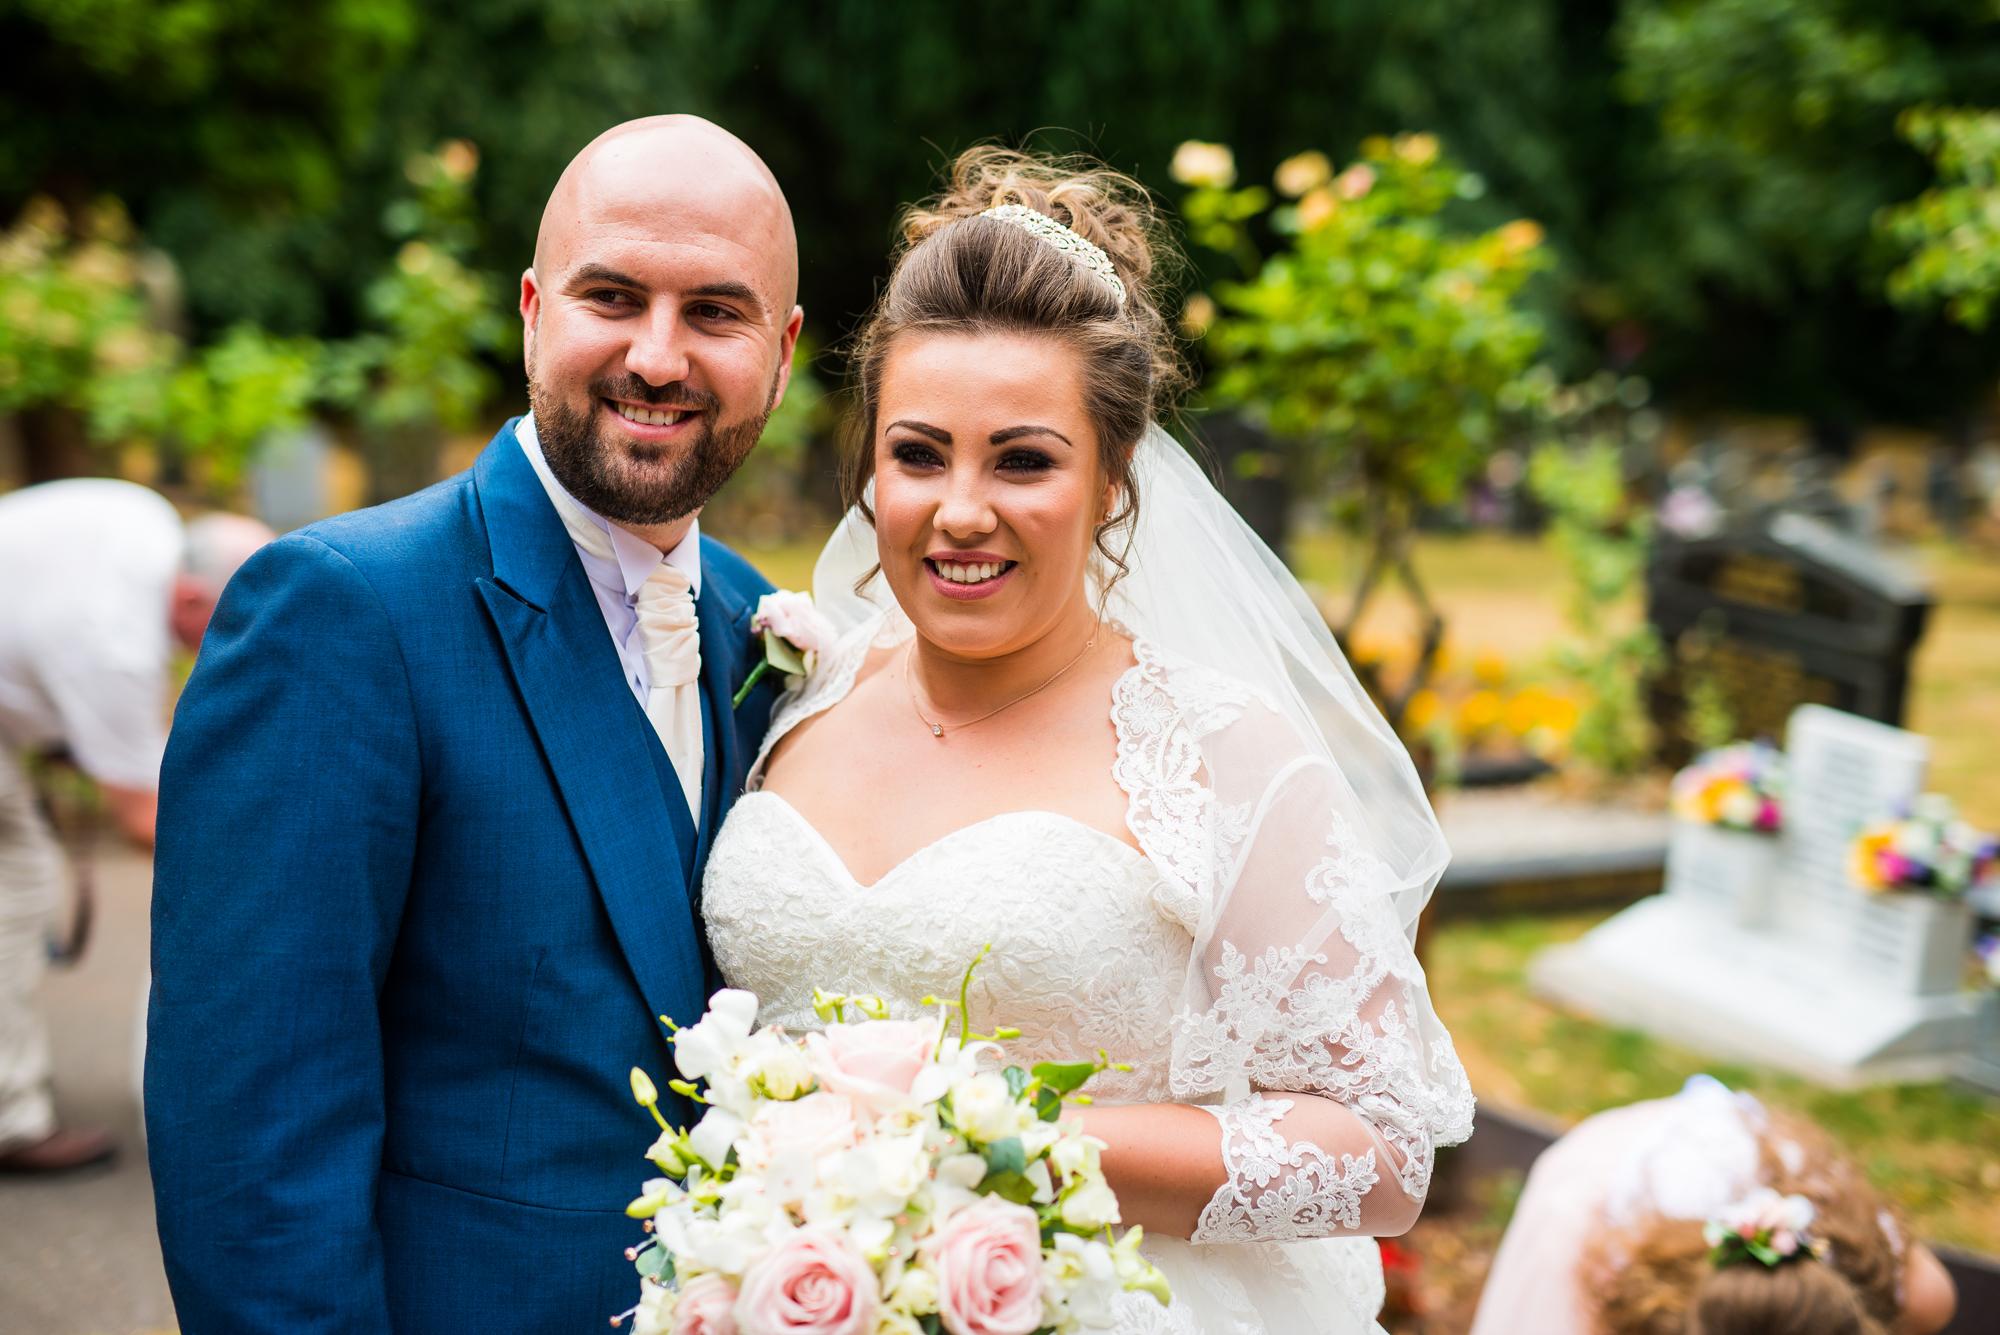 Roise and John wedding photos (174 of 383).jpg